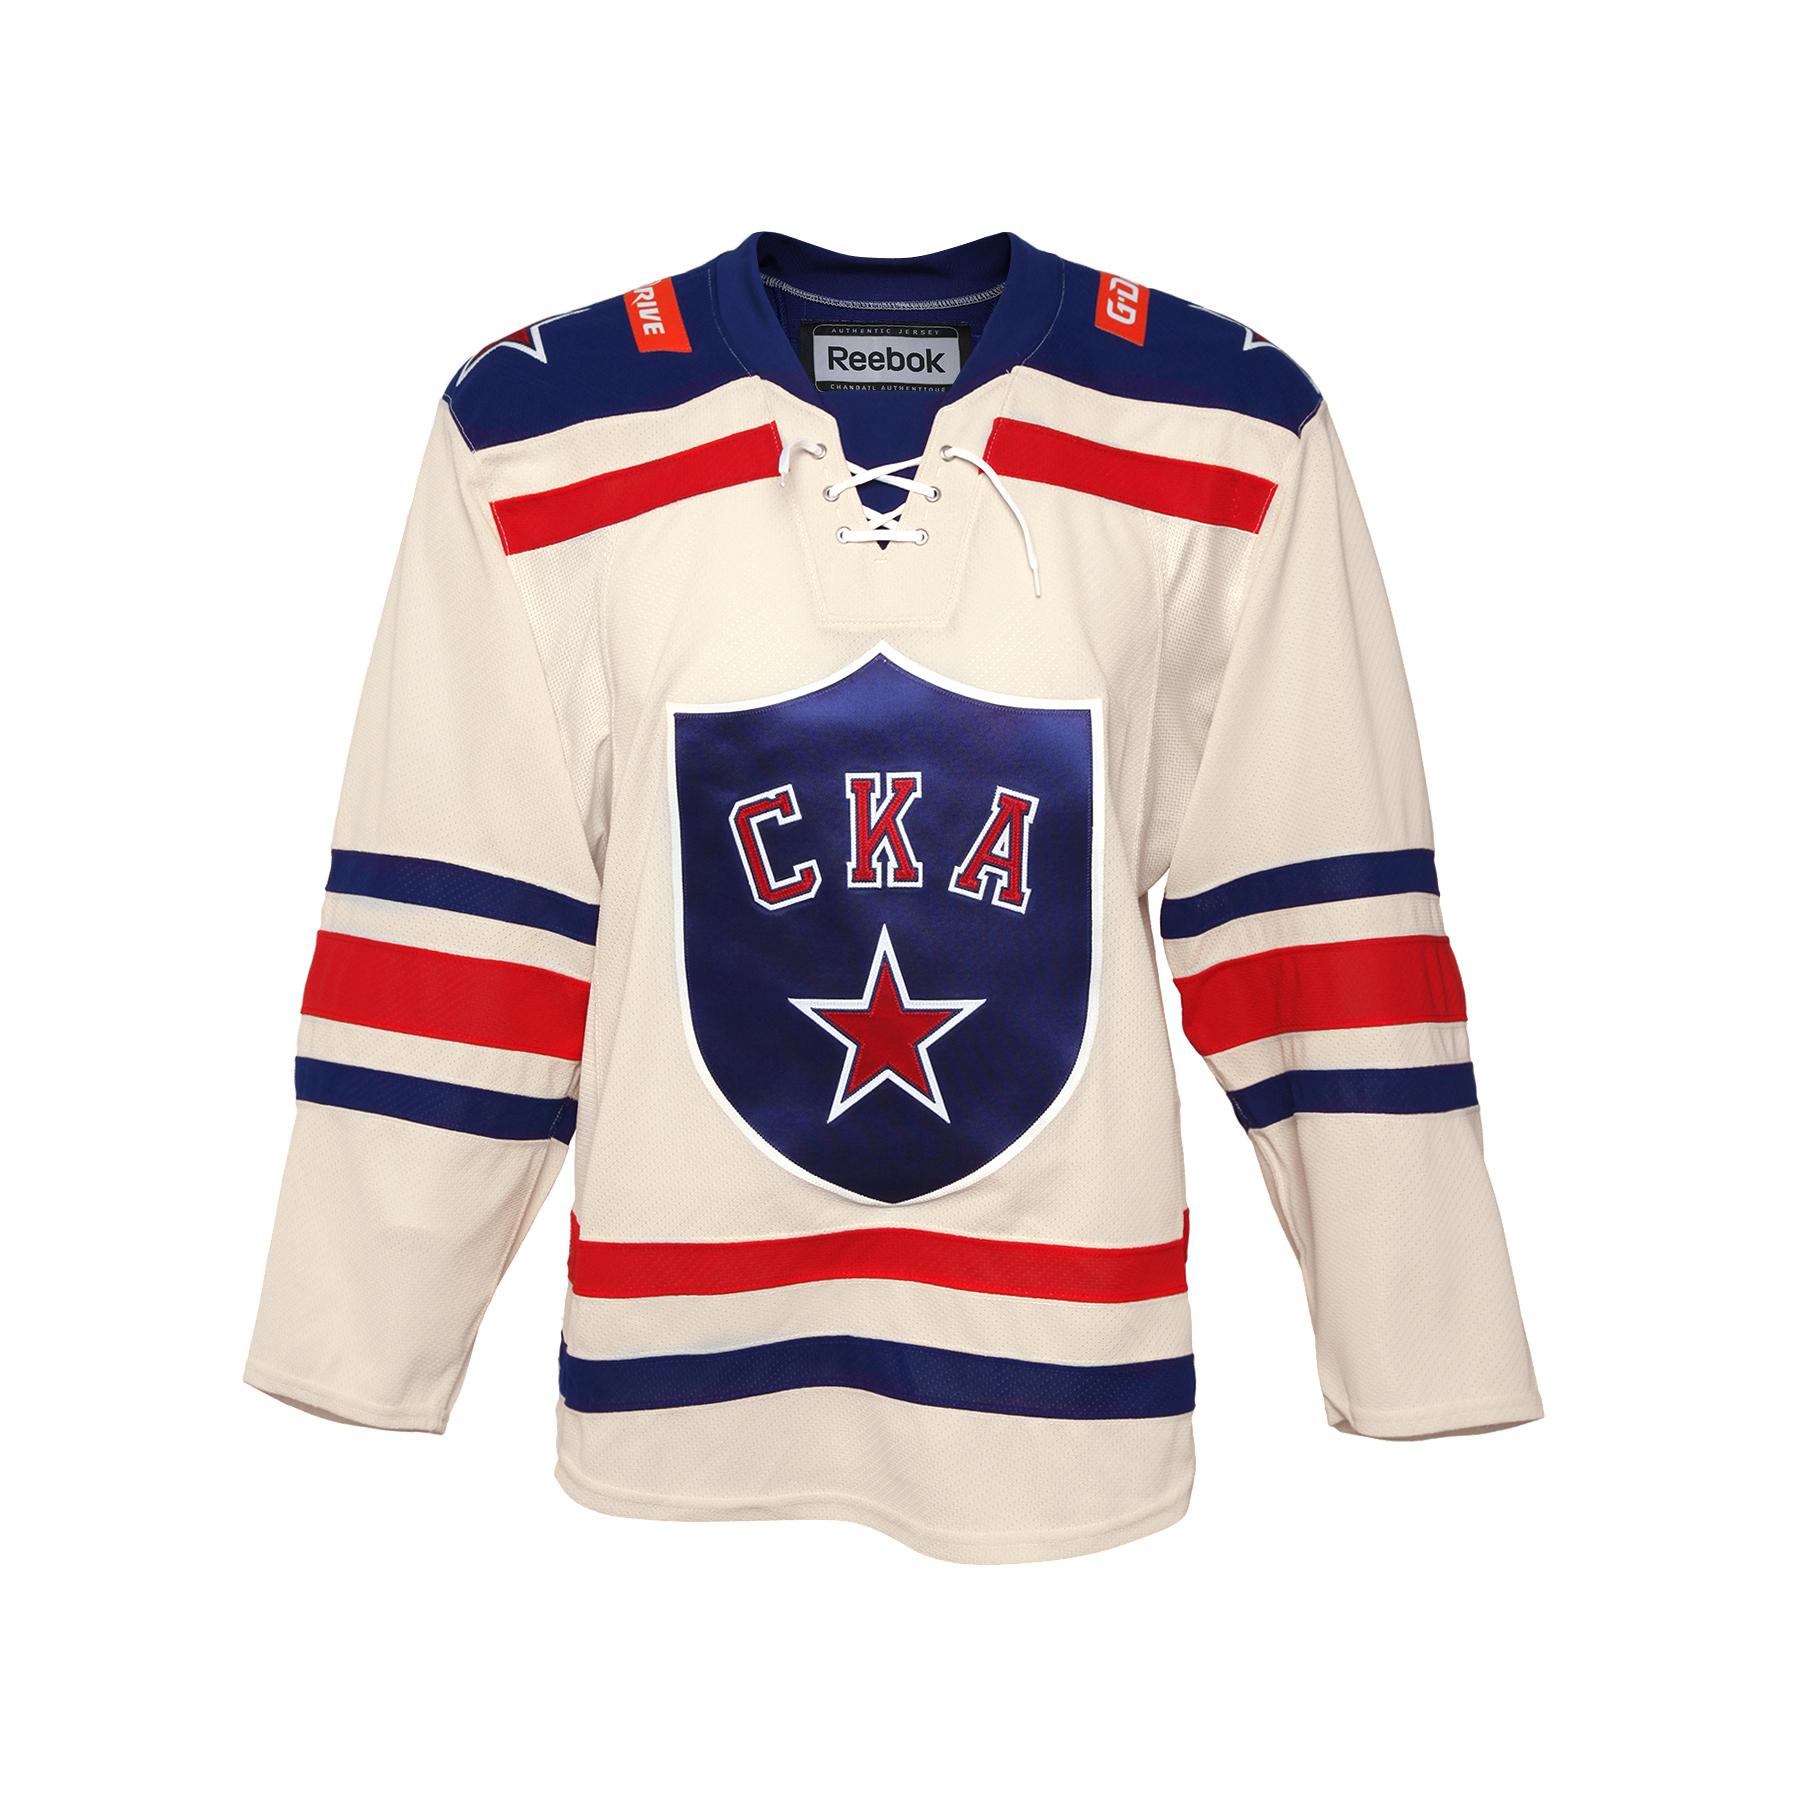 cheaper a72a0 d3b9c Original SKA Reebok away retro jersey T98143 for 9500 rubles ...